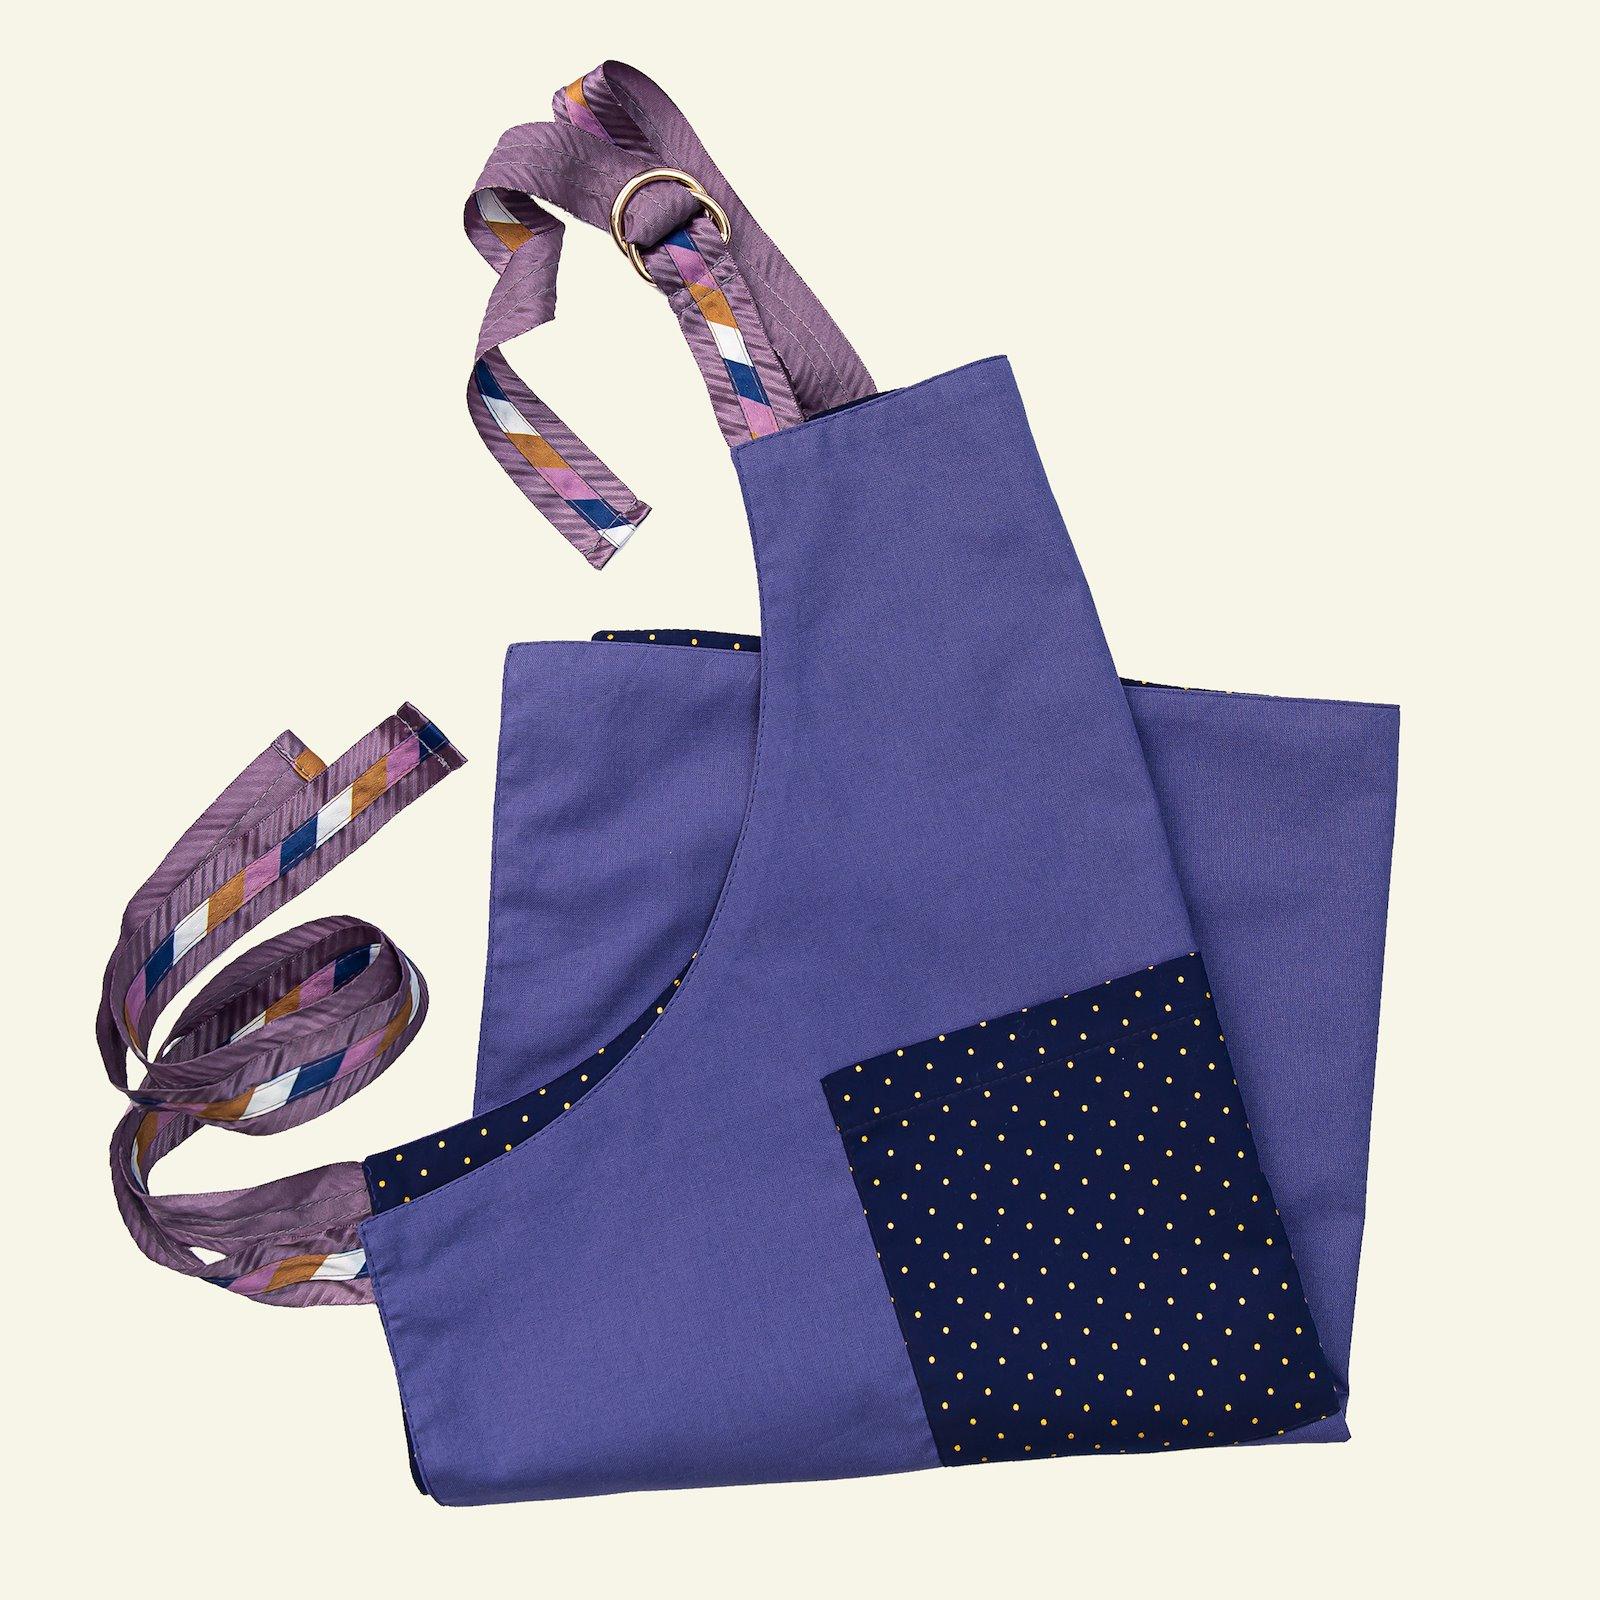 Cotton blue w gold dots p90332_4267_852296_21392_21388_sskit